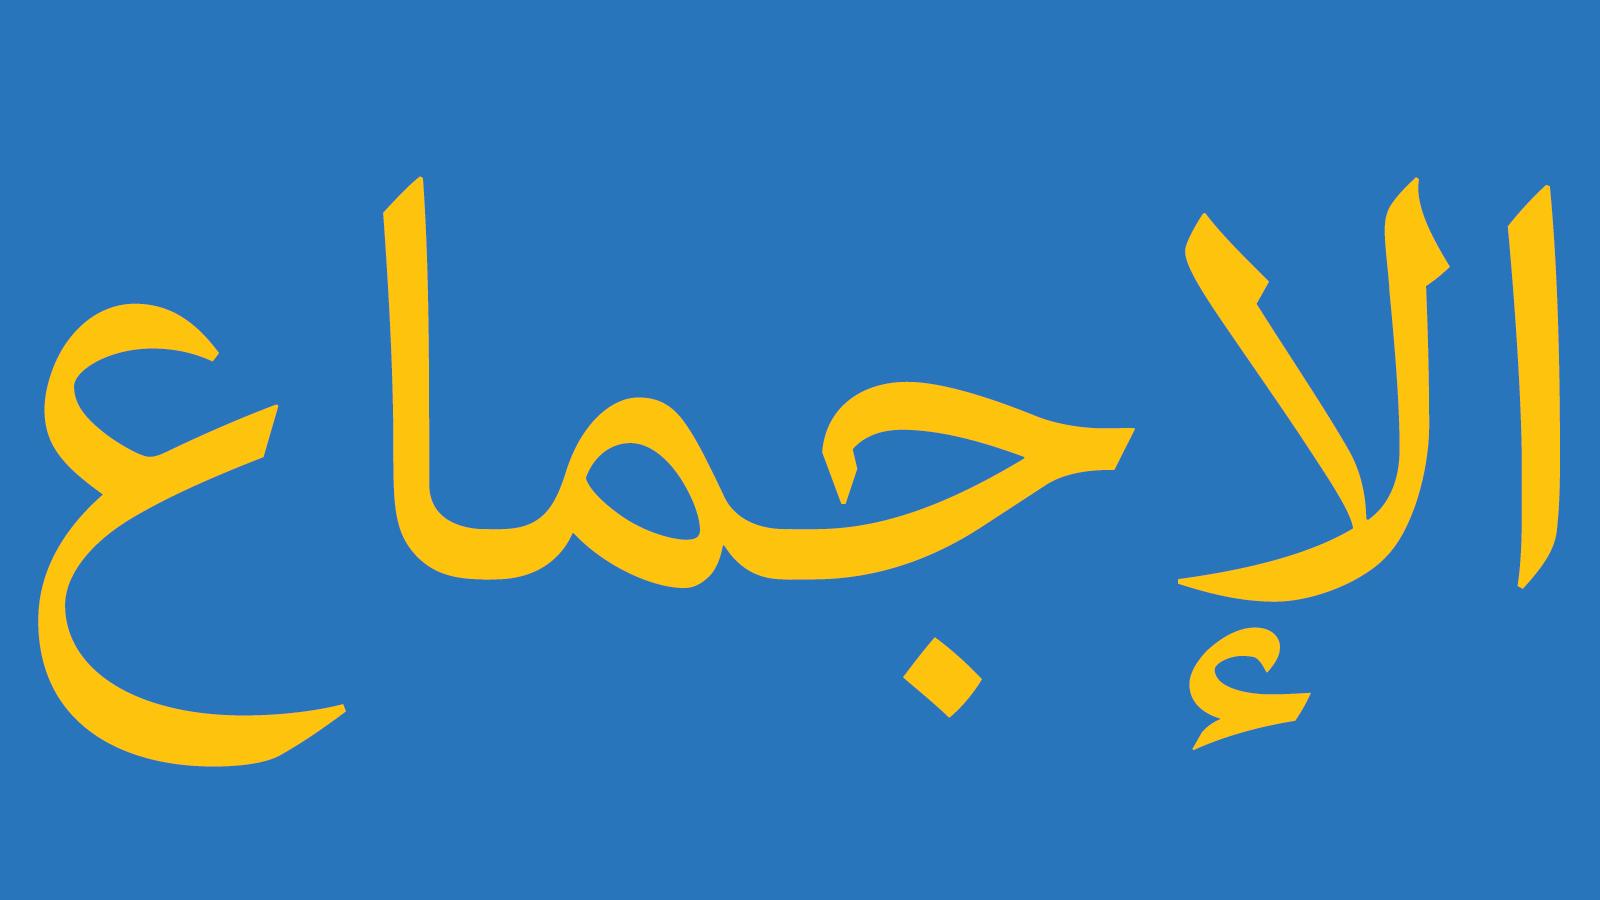 arabeschi-parola-34234